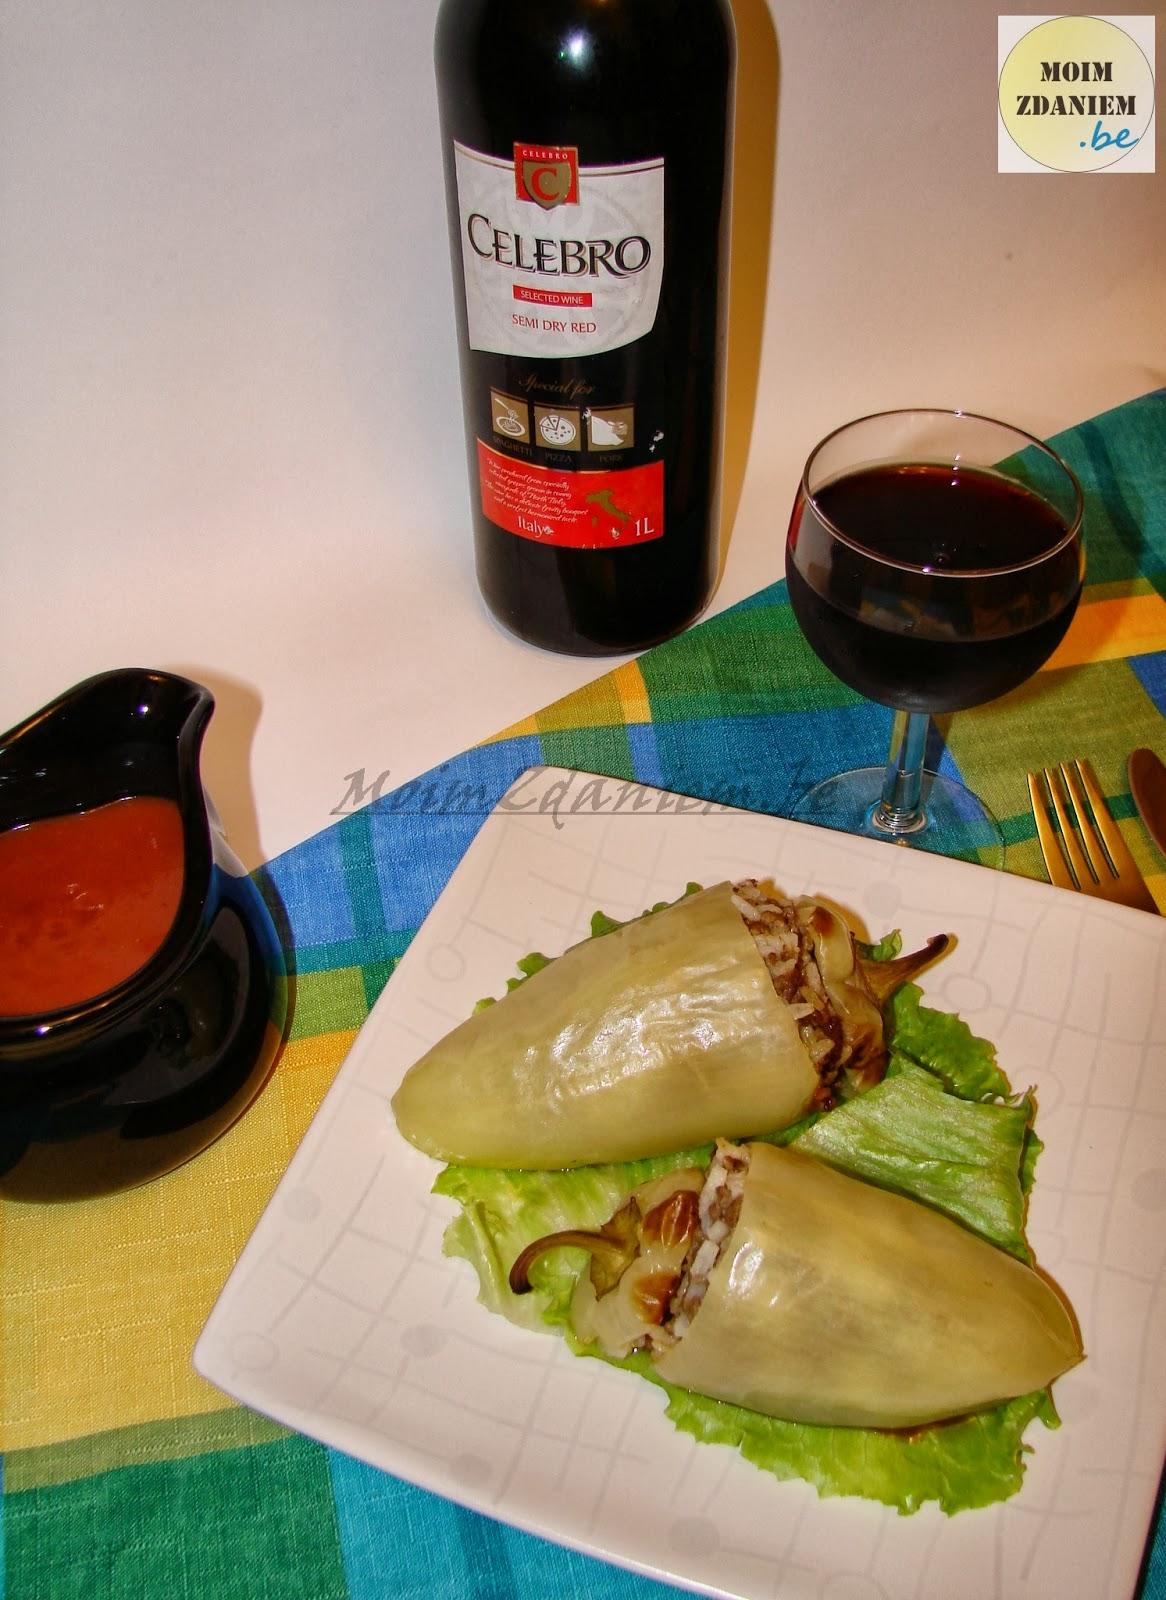 papryka faszerowana z mięsem i serem podane z winem